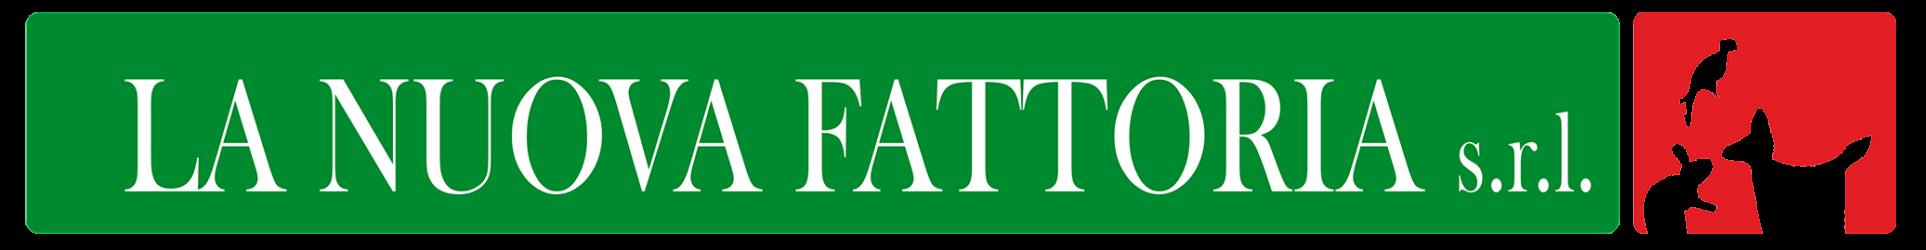 La Nuova Fattoria – Negozio di mangimi e prodotti per animali a Mascalucia